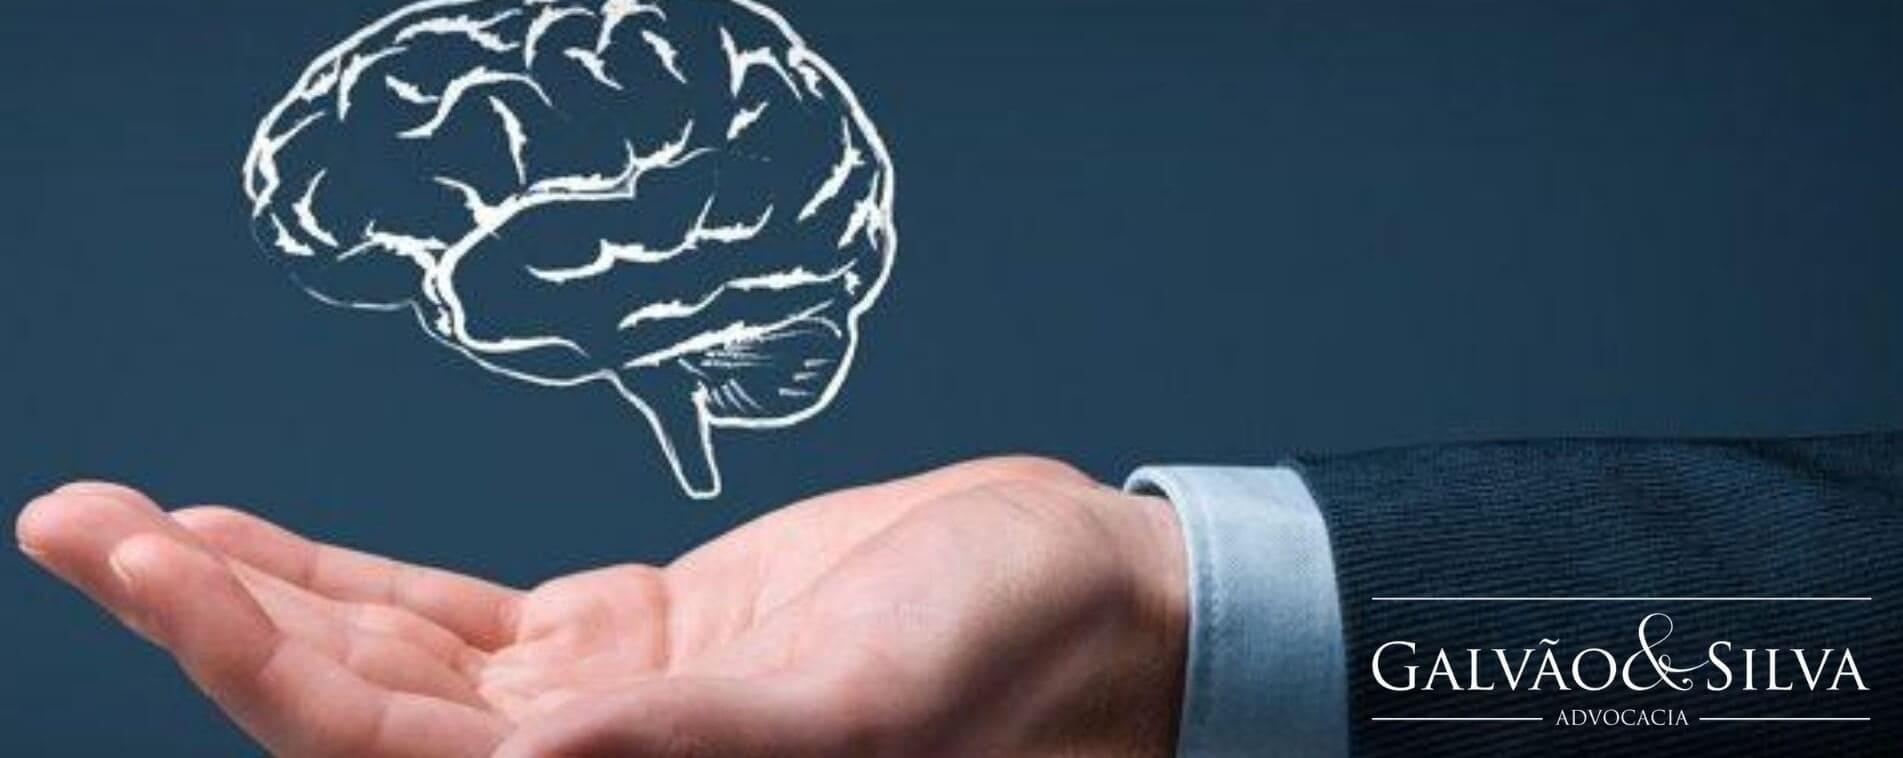 Leia aqui como registrar sua Propriedade Intelectual!